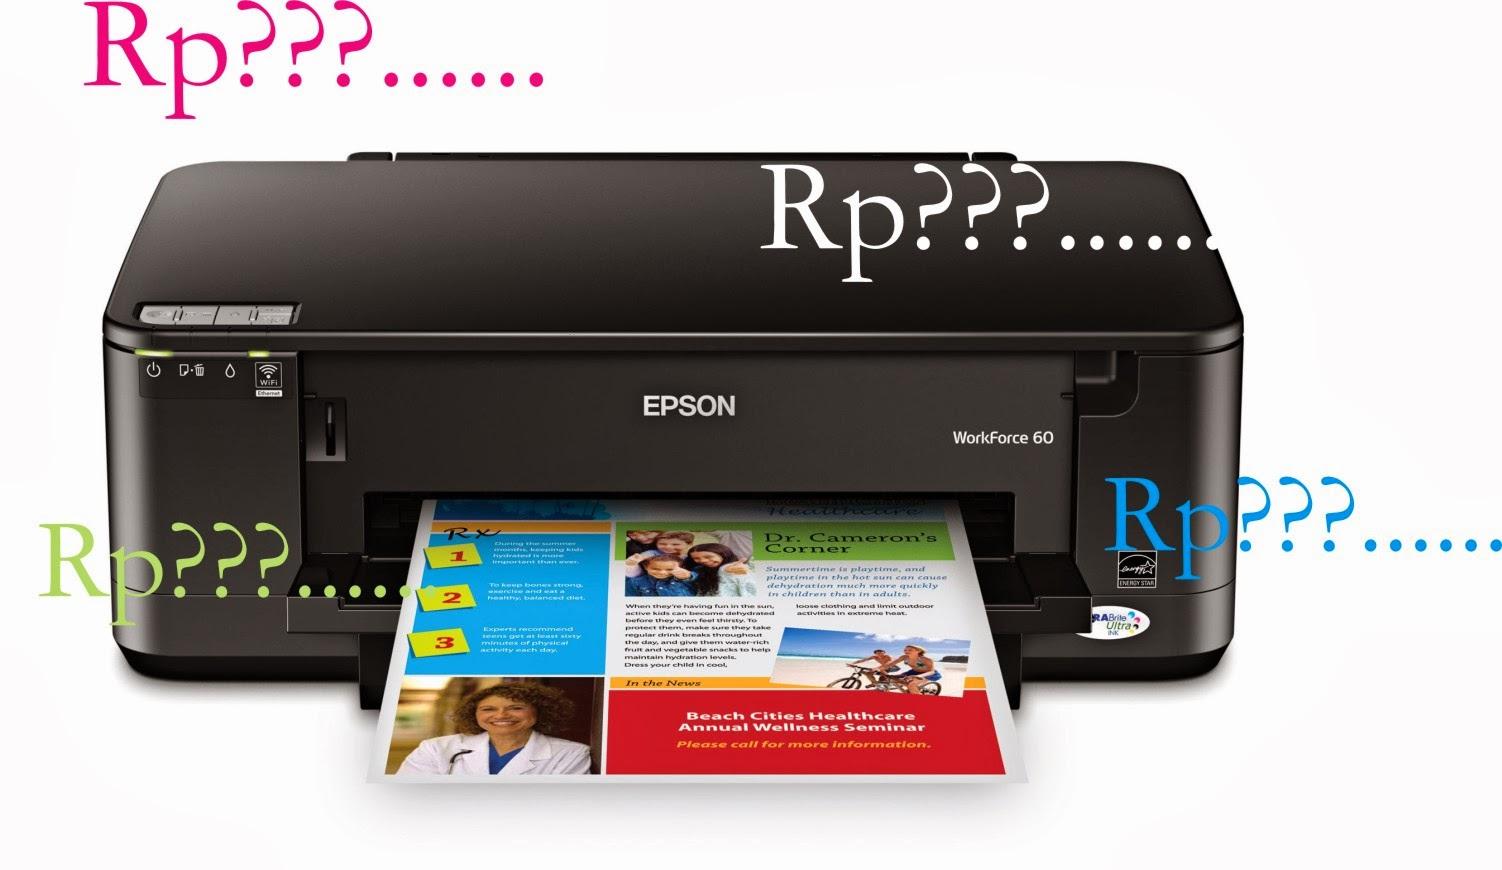 Daftar Harga Printer Epson Terbaru 2015